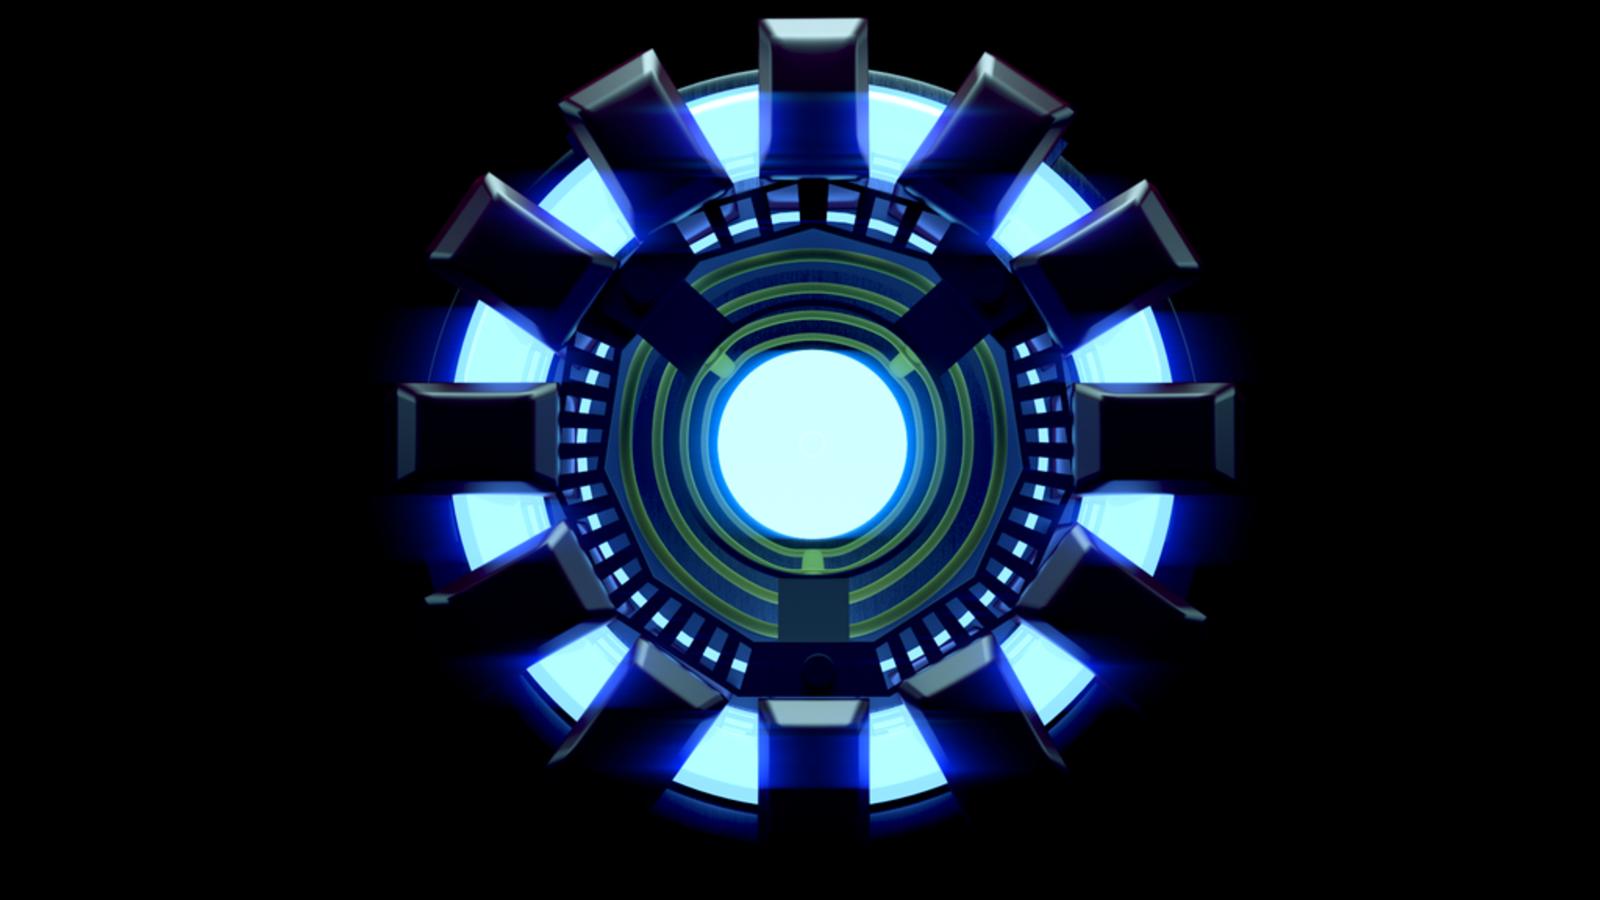 Iron Man Arc Reactor by whitekidz 1600x900